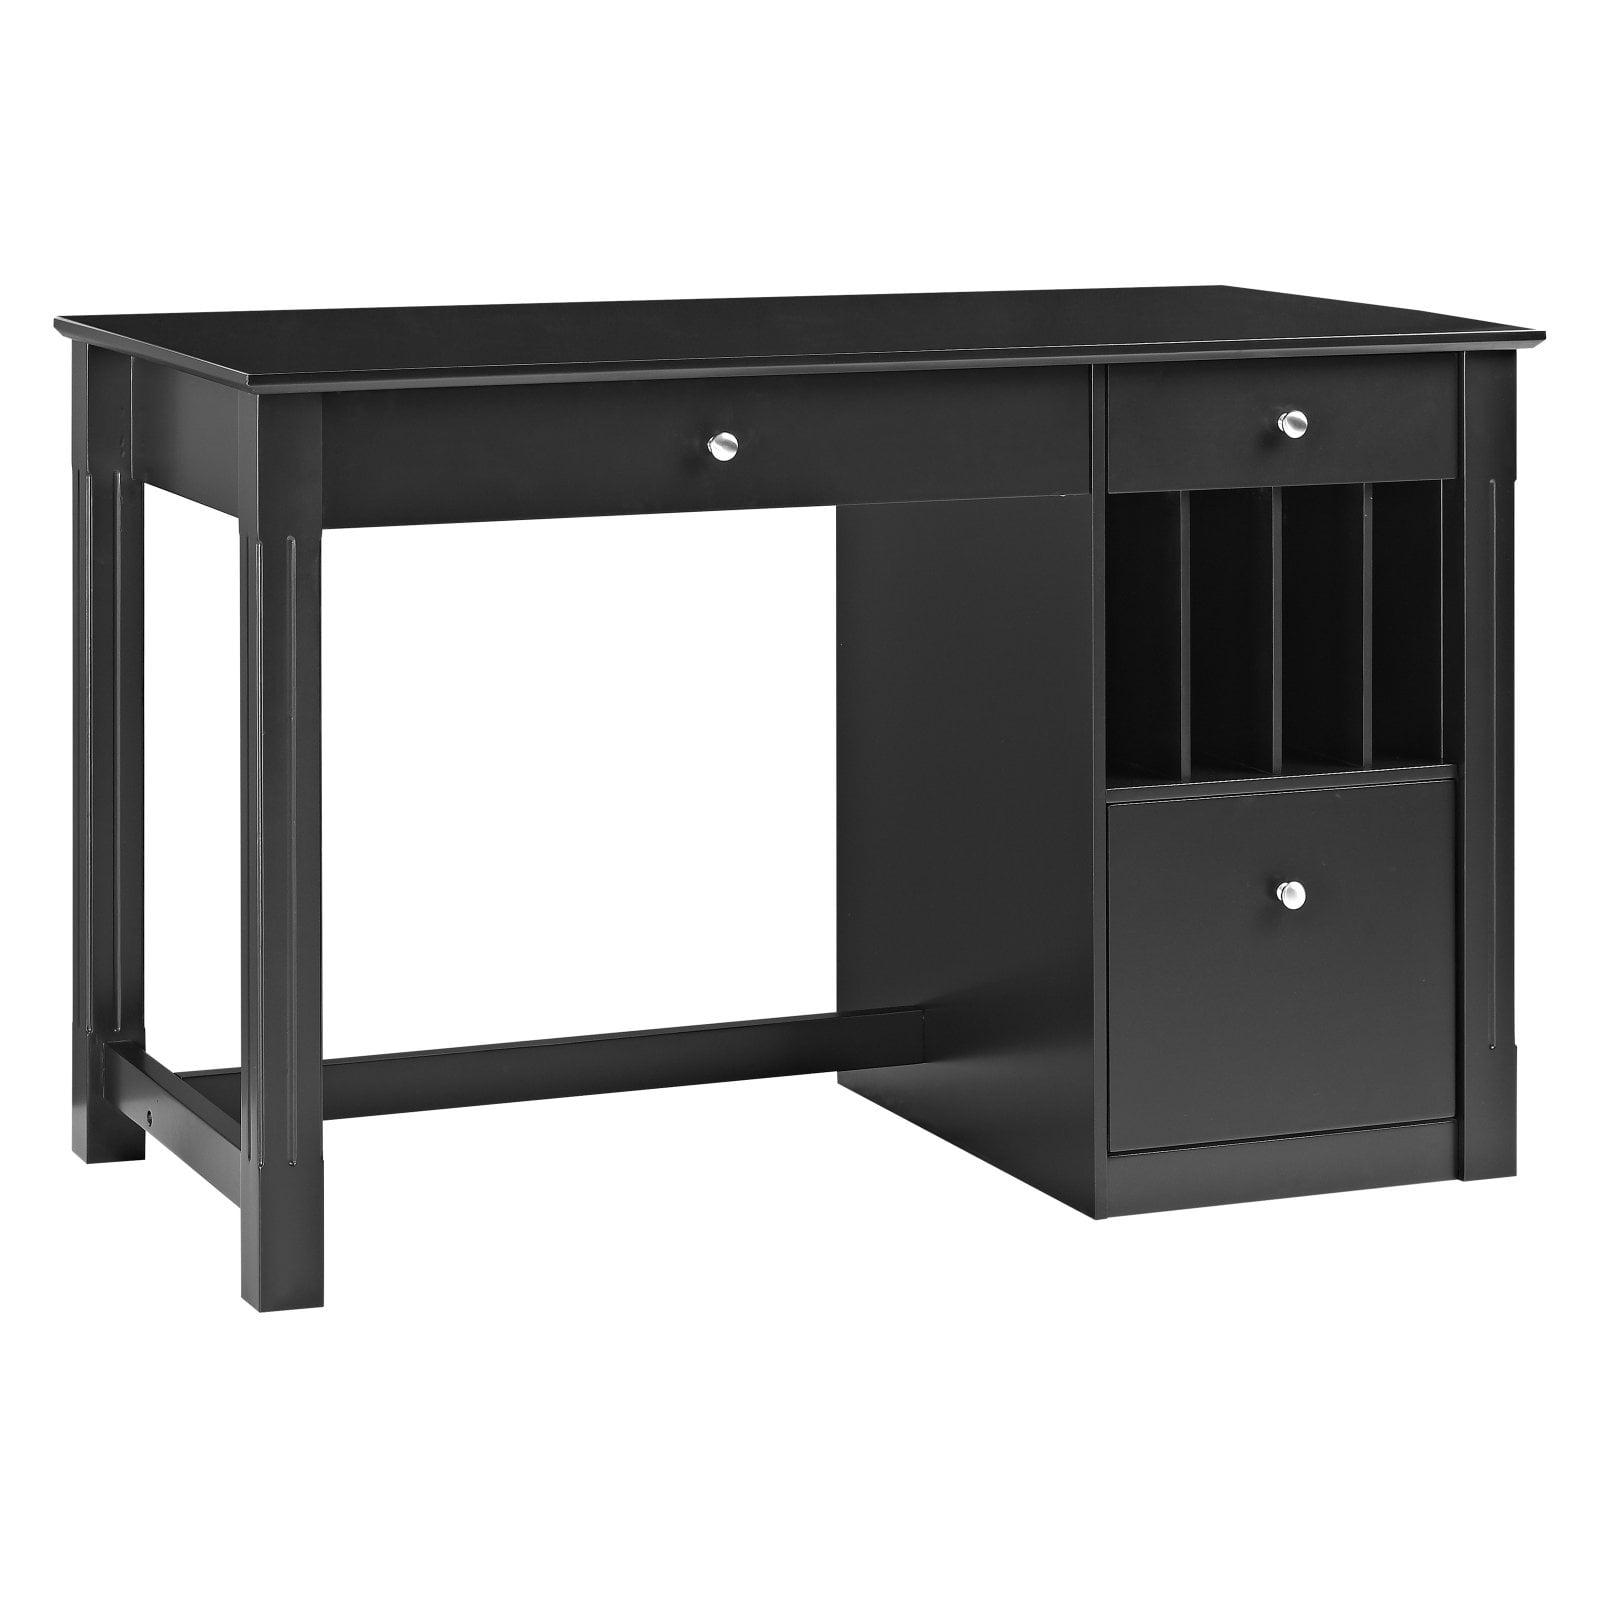 Walker edison home office deluxe wood storage 48 in computer desk walmart com